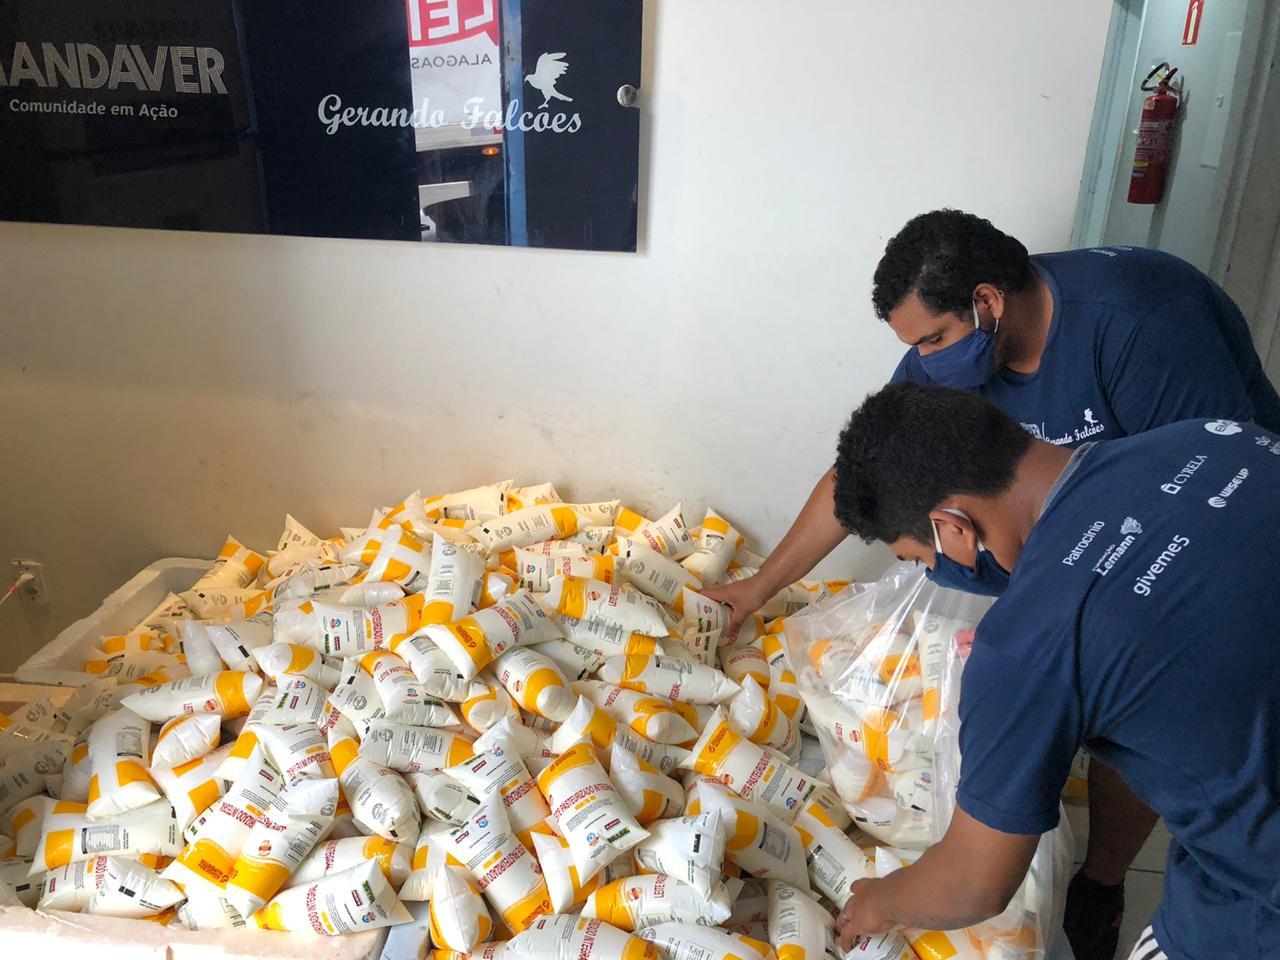 Covid: Programa do Leite ajuda famílias em situação de risco